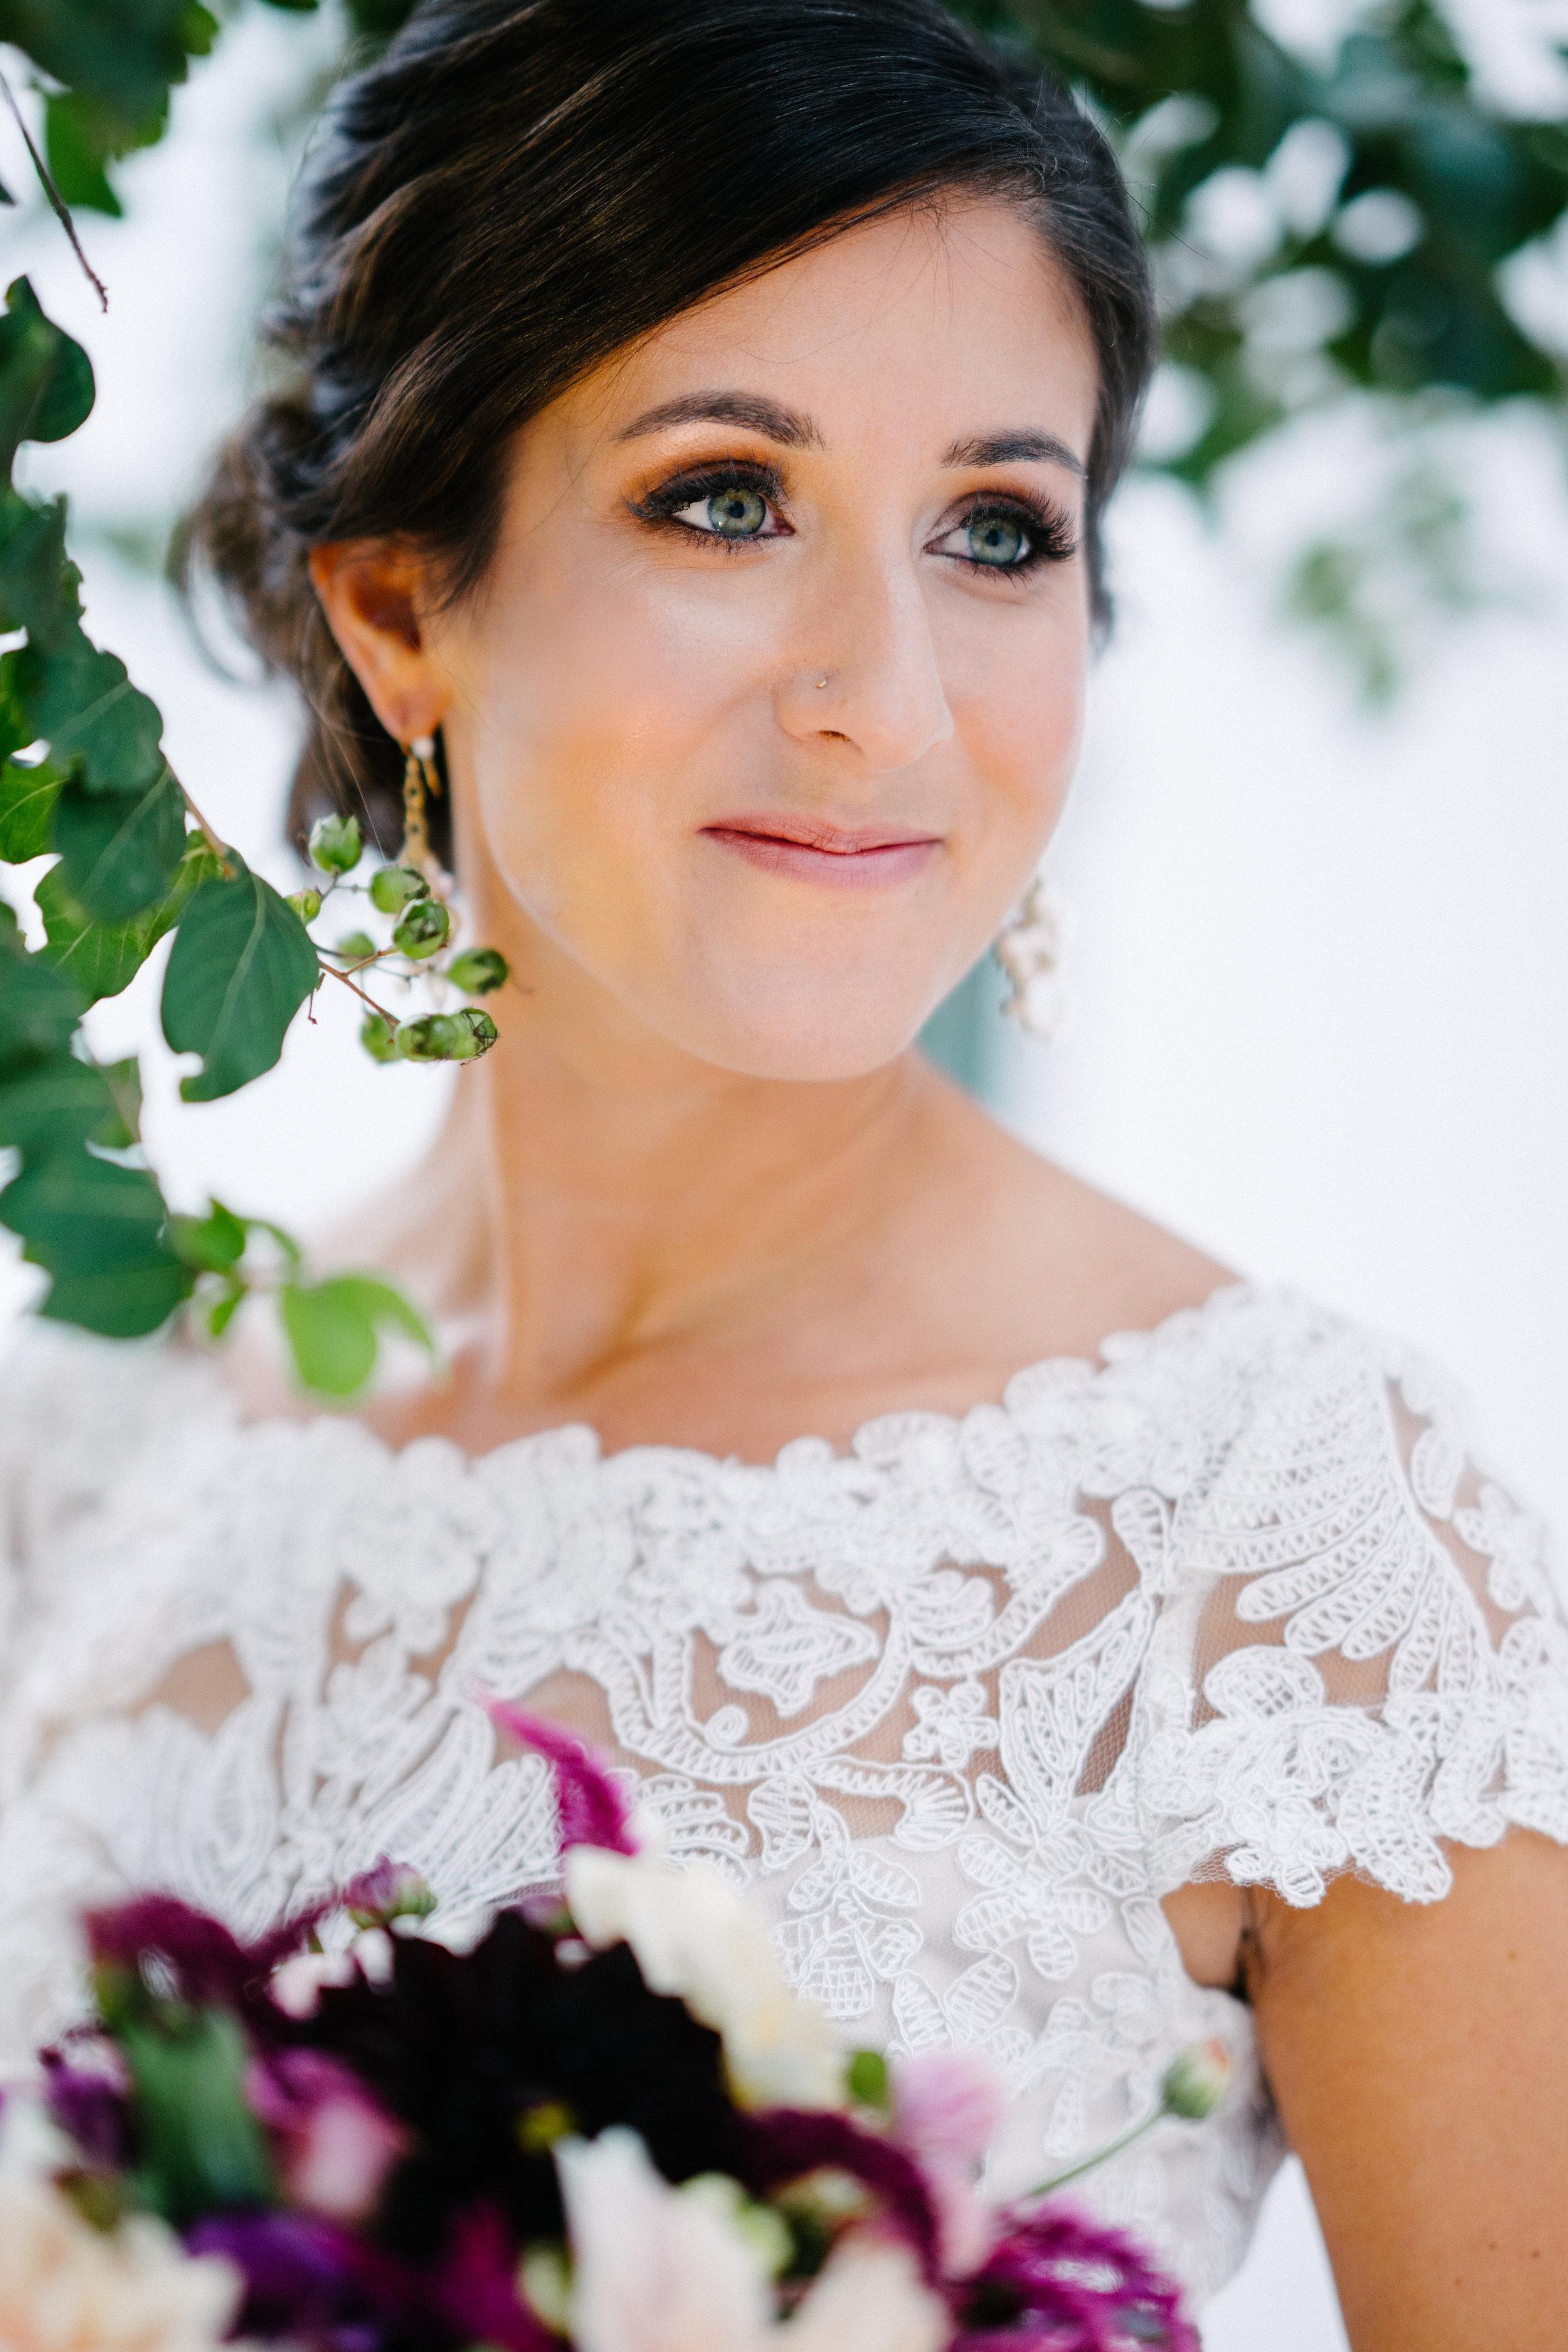 Bridal Dramatic Eye